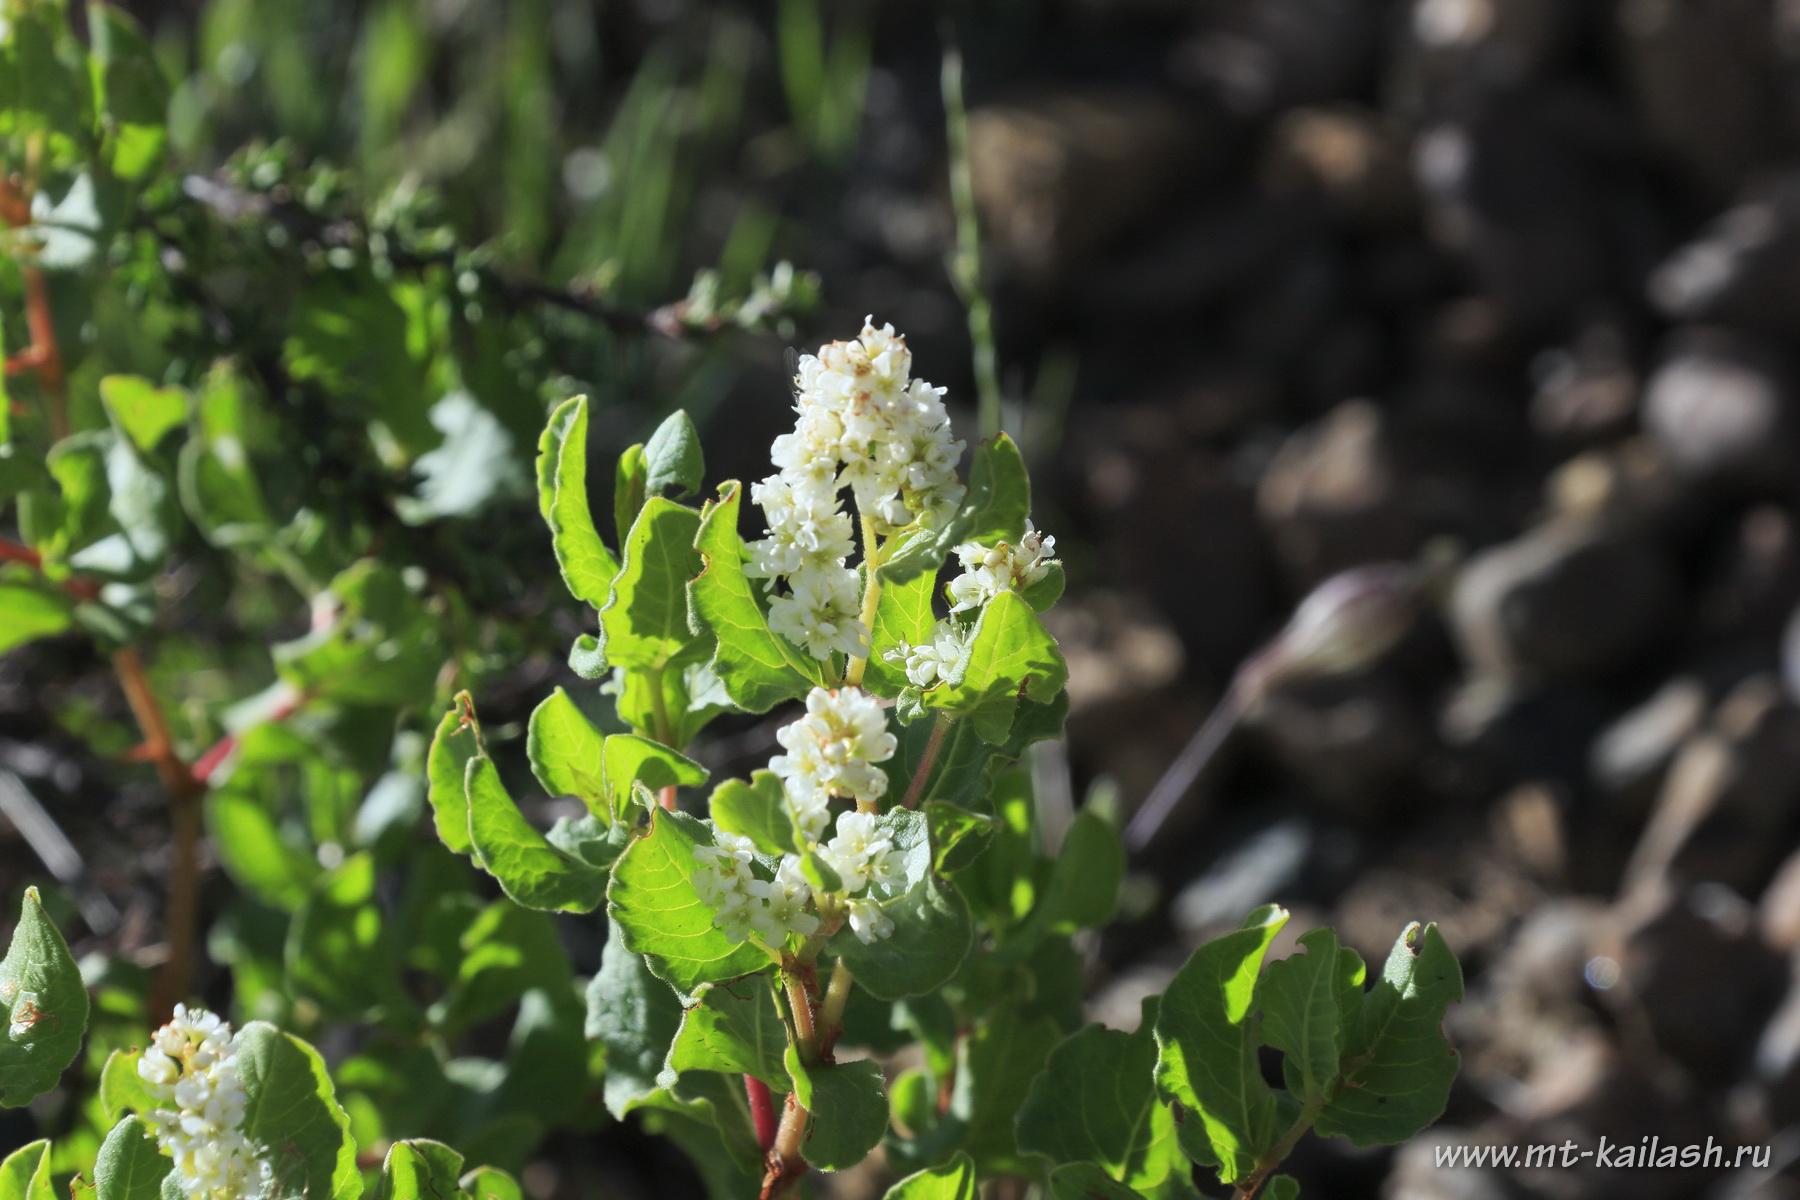 aconogonon-tortuosum-var-glabrifolium